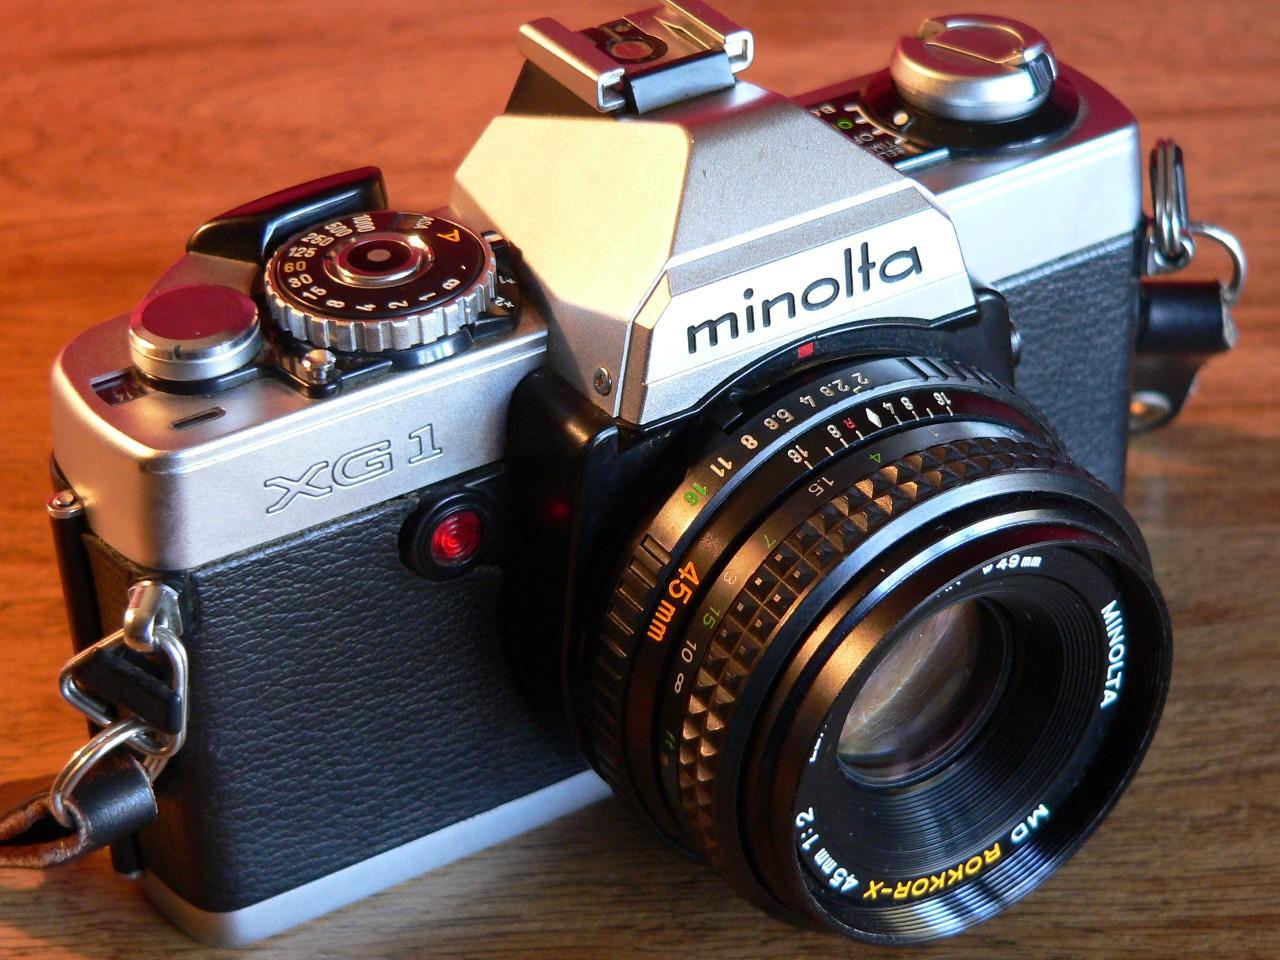 Minolta XG-1  (1979-1980)